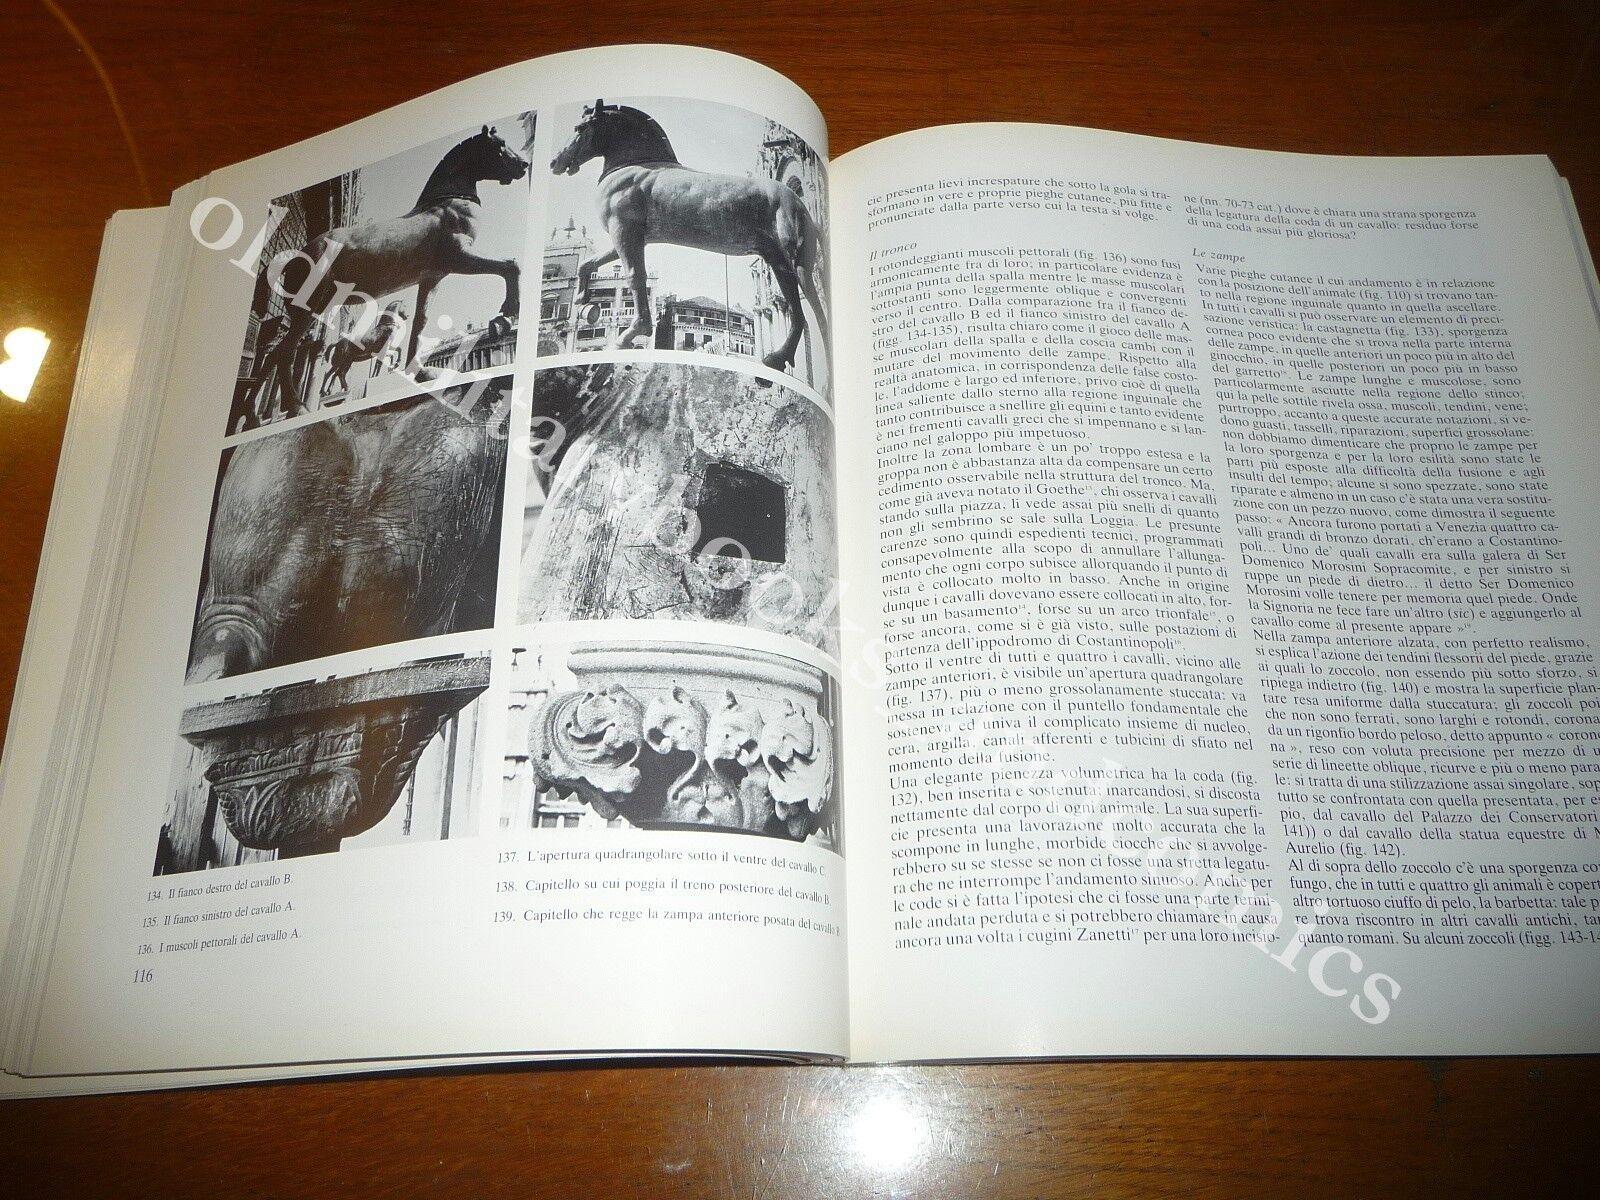 I CAVALLI DI SAN MARCO CATALOGO MOSTRA PALAZZO REALE MILANO 1981 FOTOGRAFICO